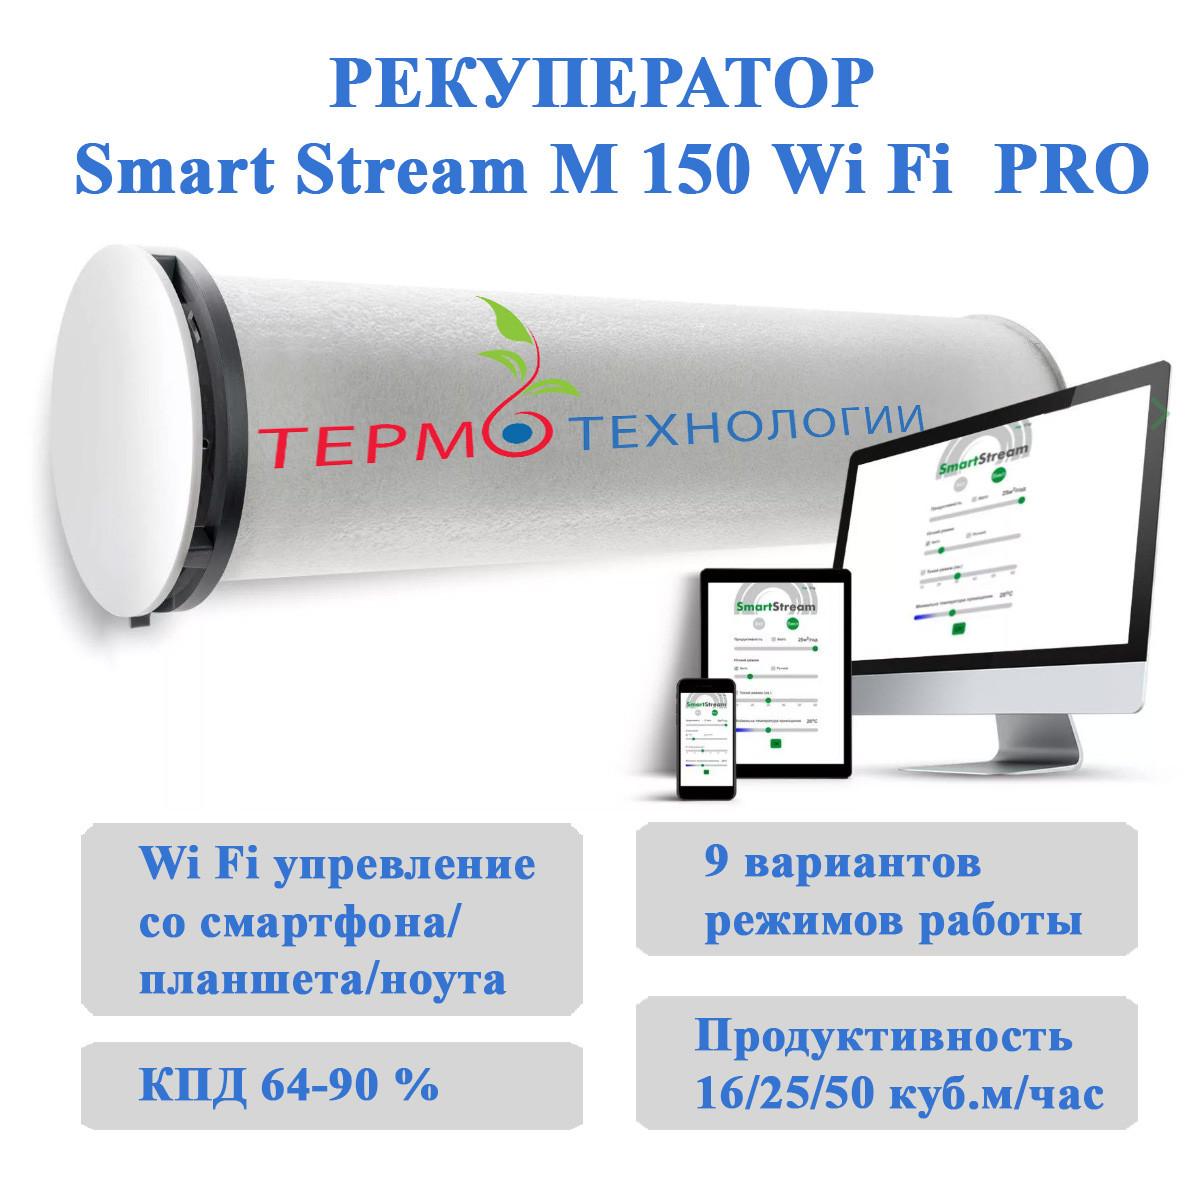 Рекуператор Smart Stream M150 WiFi PRO для помещения 25 м.кв.